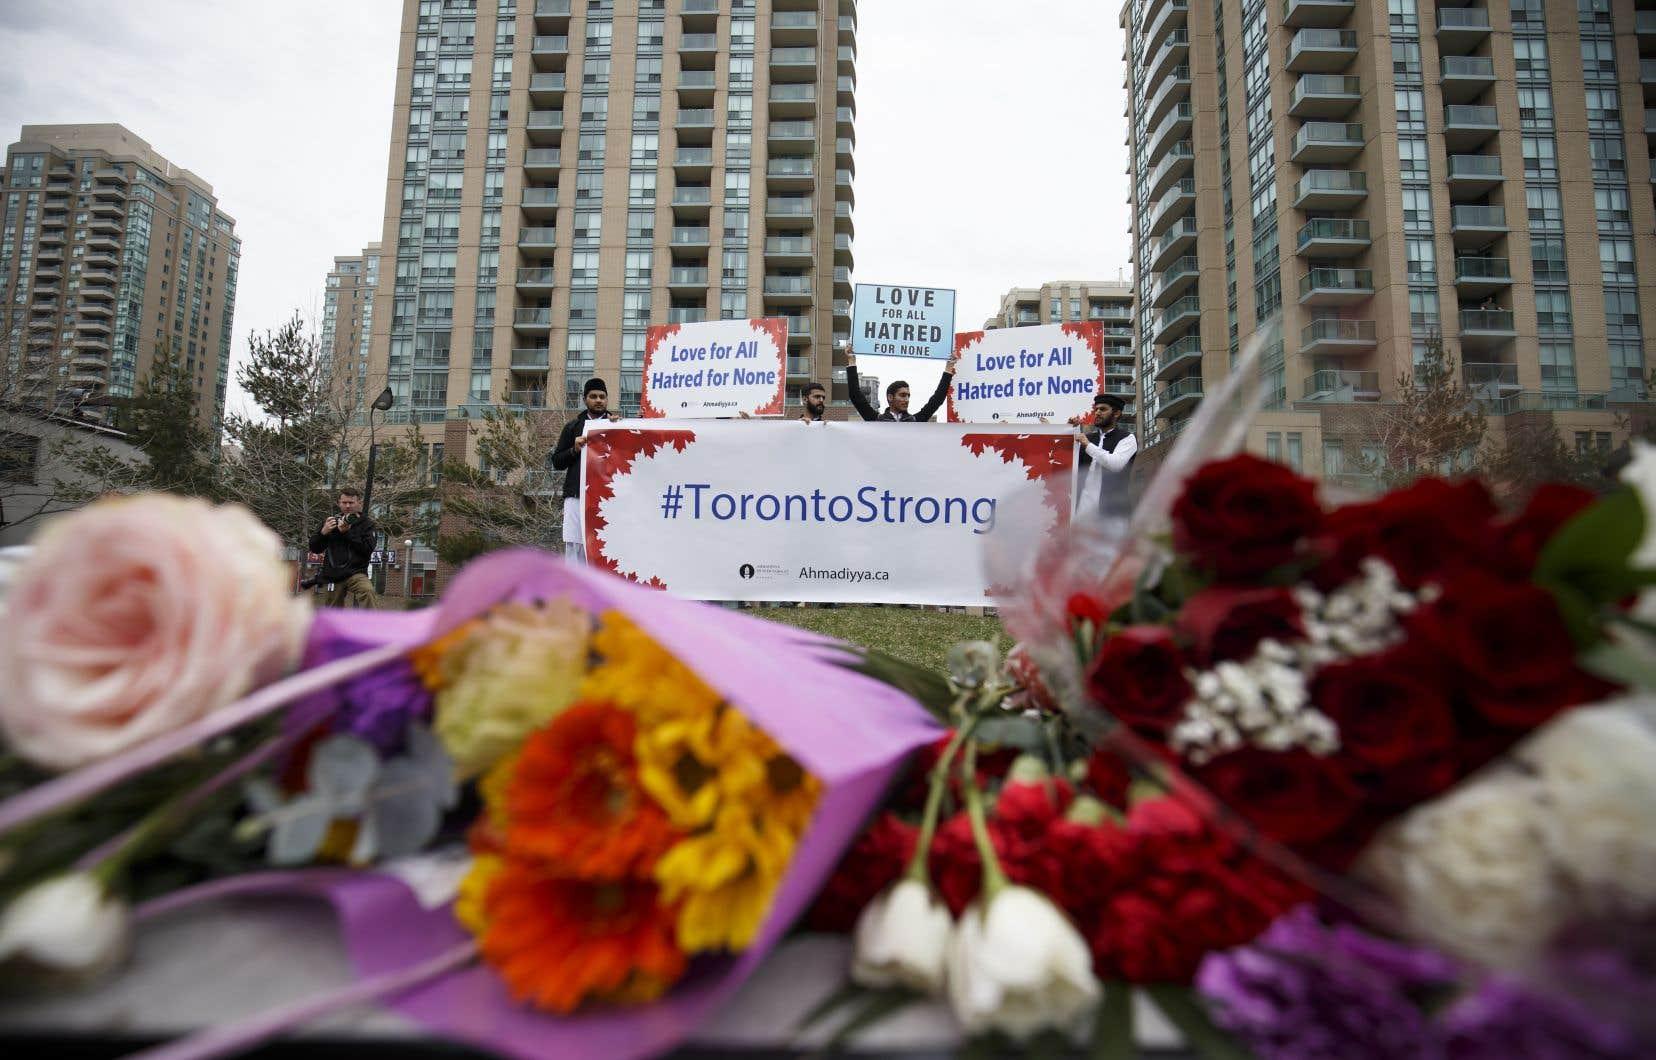 Des rassemblements se sont tenus sur les lieux de l'attaque, mardi, en soutien aux victimes et à leurs familles.